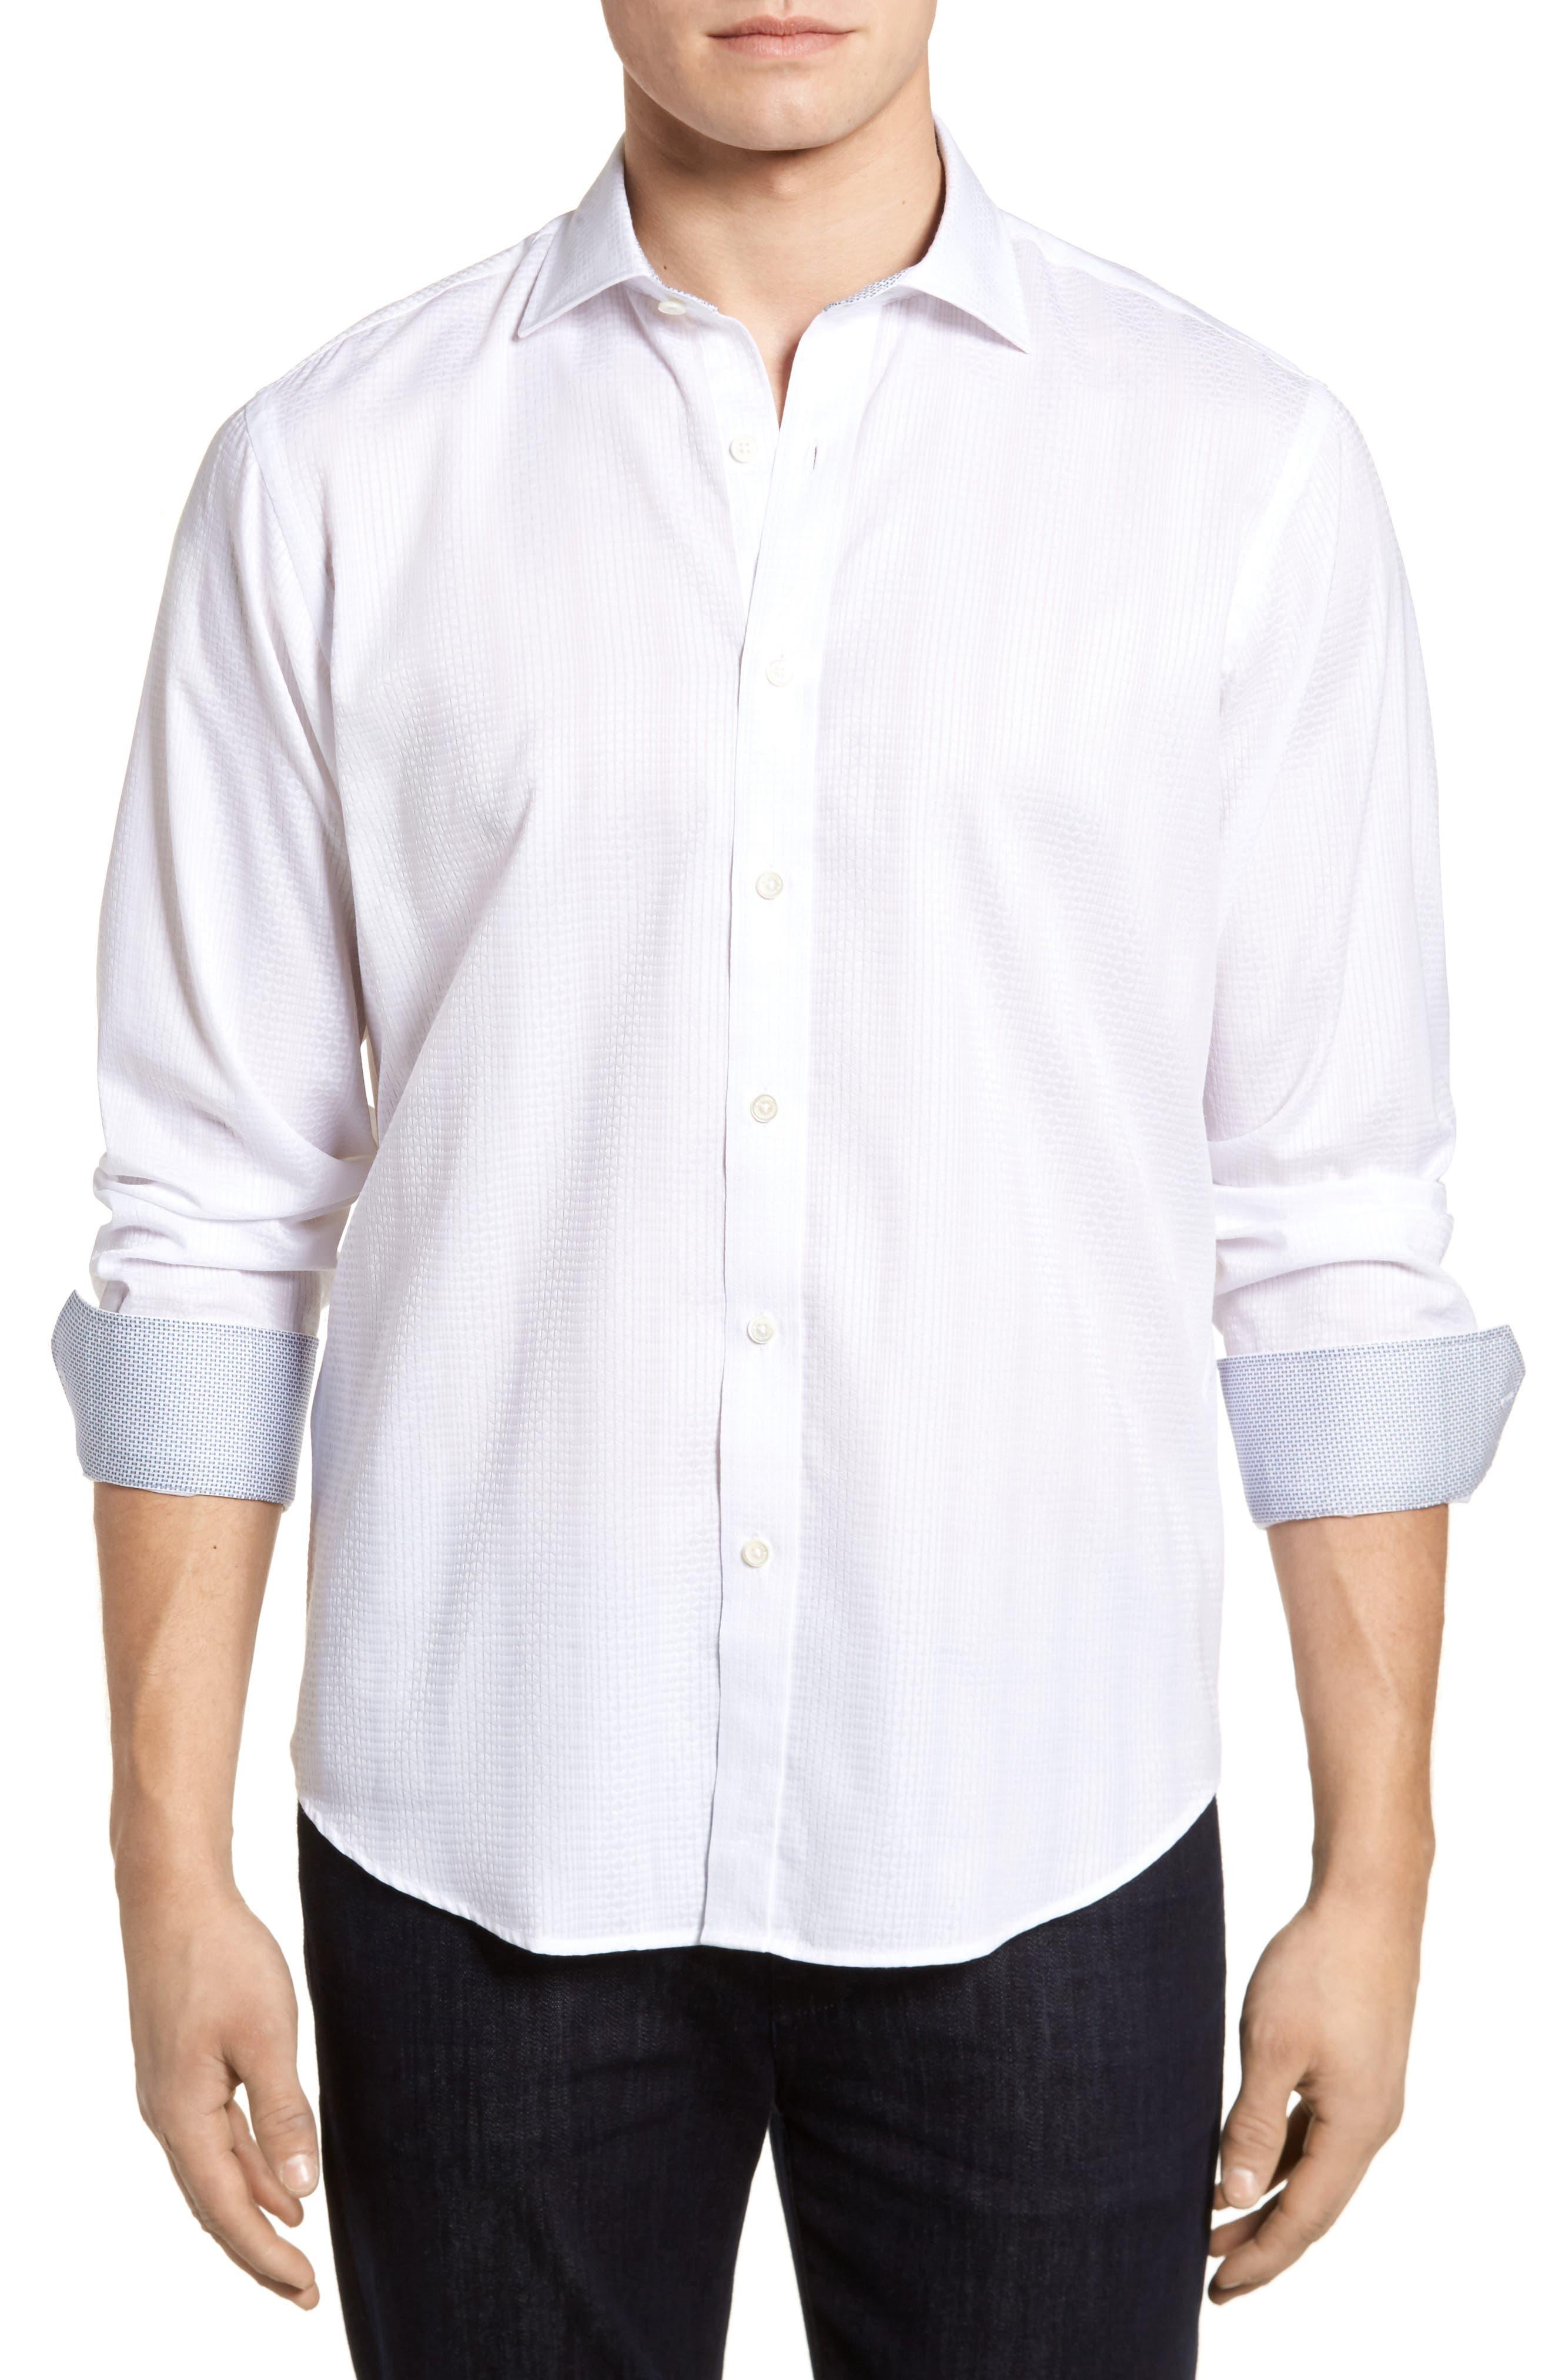 Tonal Diamond Jacquard Classic Fit Sport Shirt,                             Main thumbnail 1, color,                             100